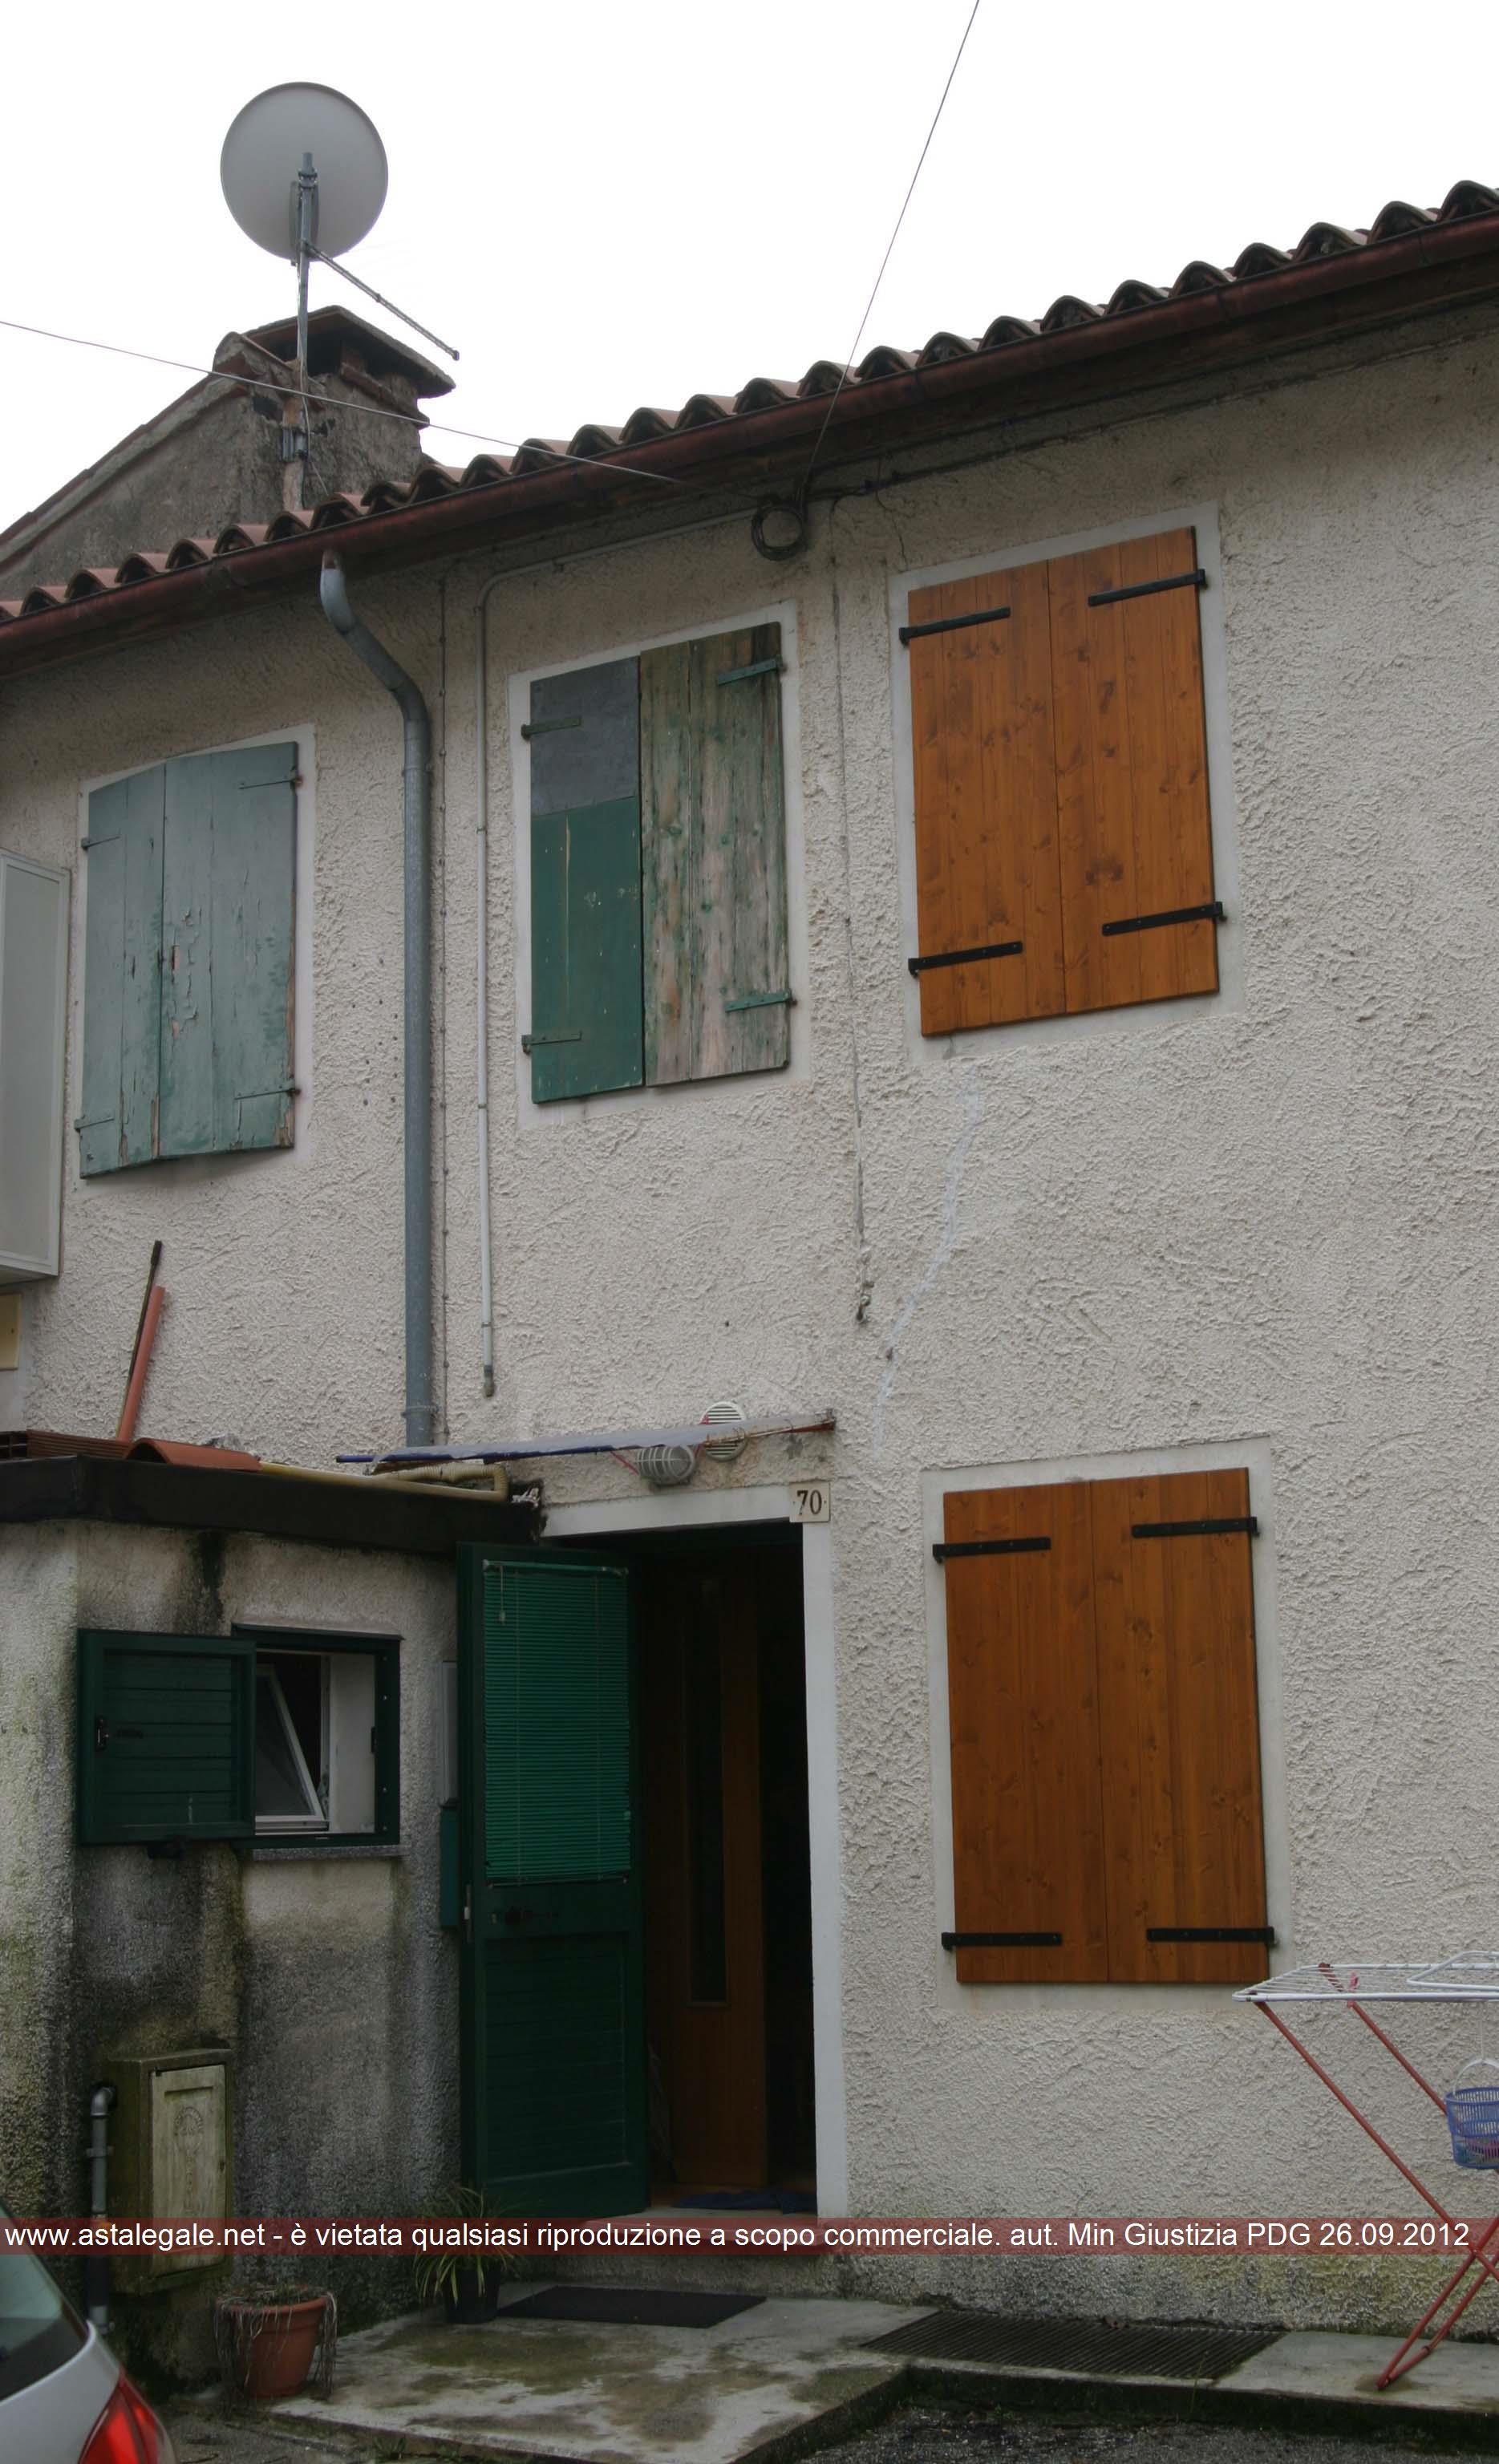 Solagna (VI) Via Villanova 70